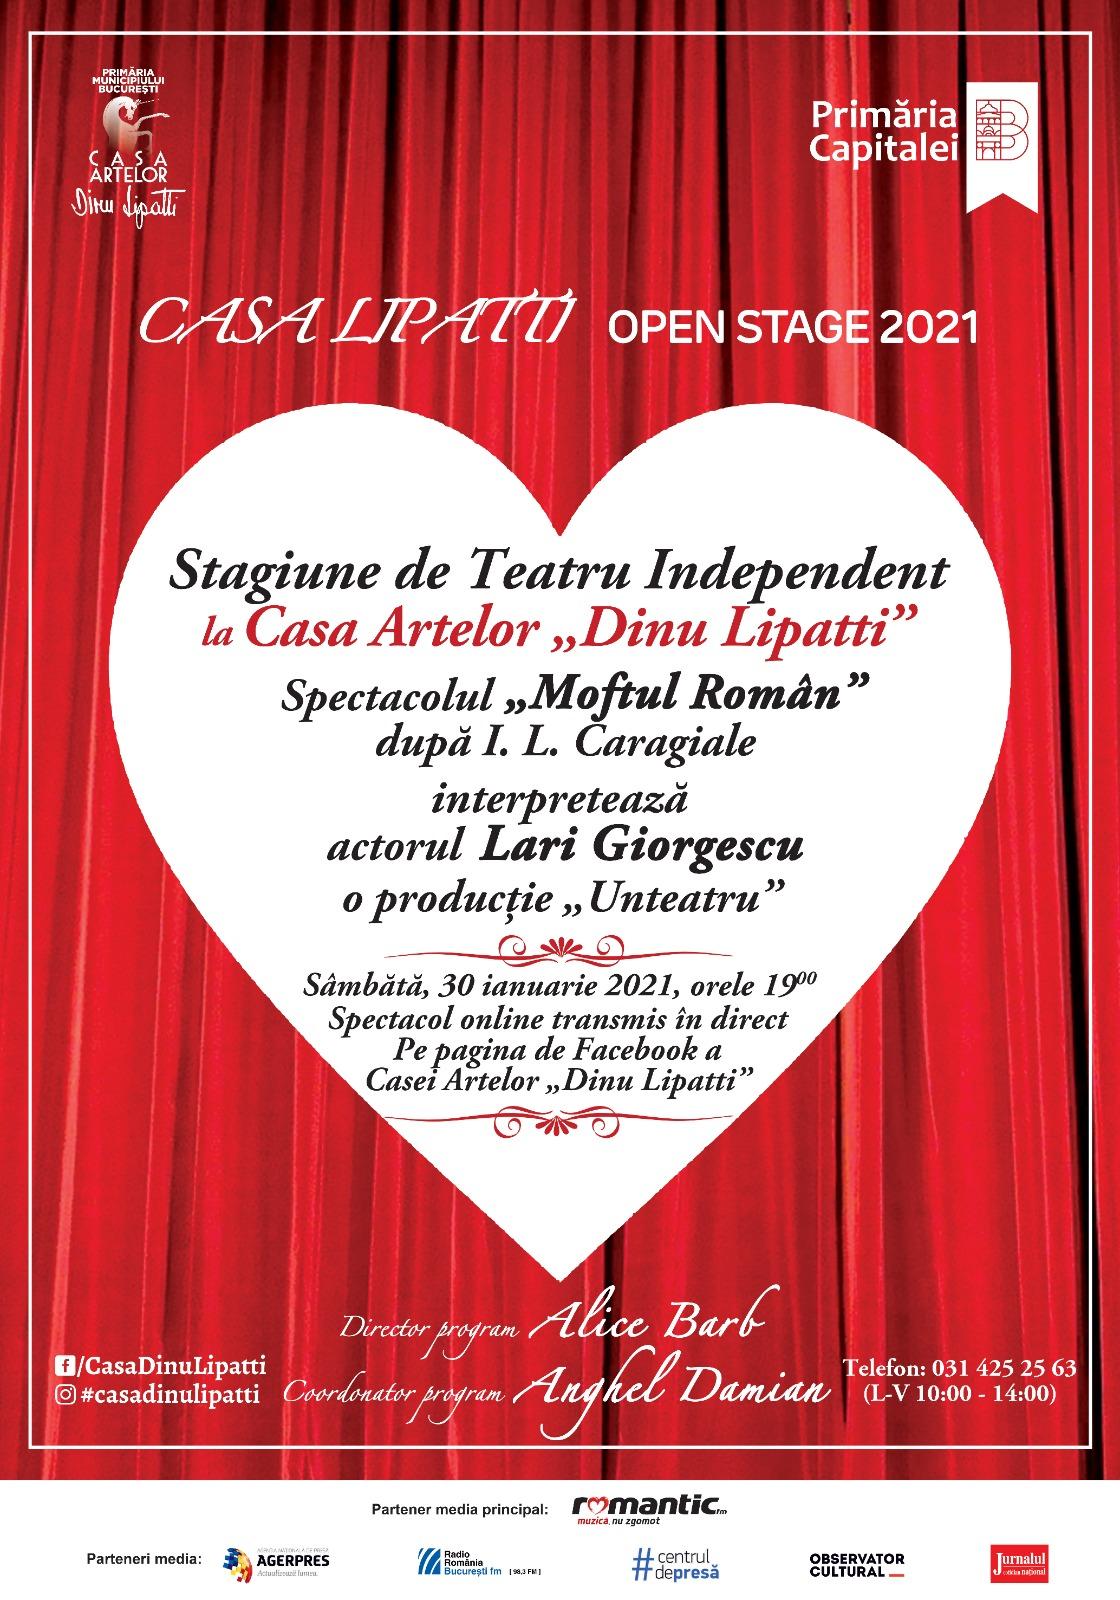 """Casa Artelor """"Dinu Lipatti"""" deschide Stagiunea de Teatru Independent în cadrul Programului CASA LIPATTI Open Stage 2021"""